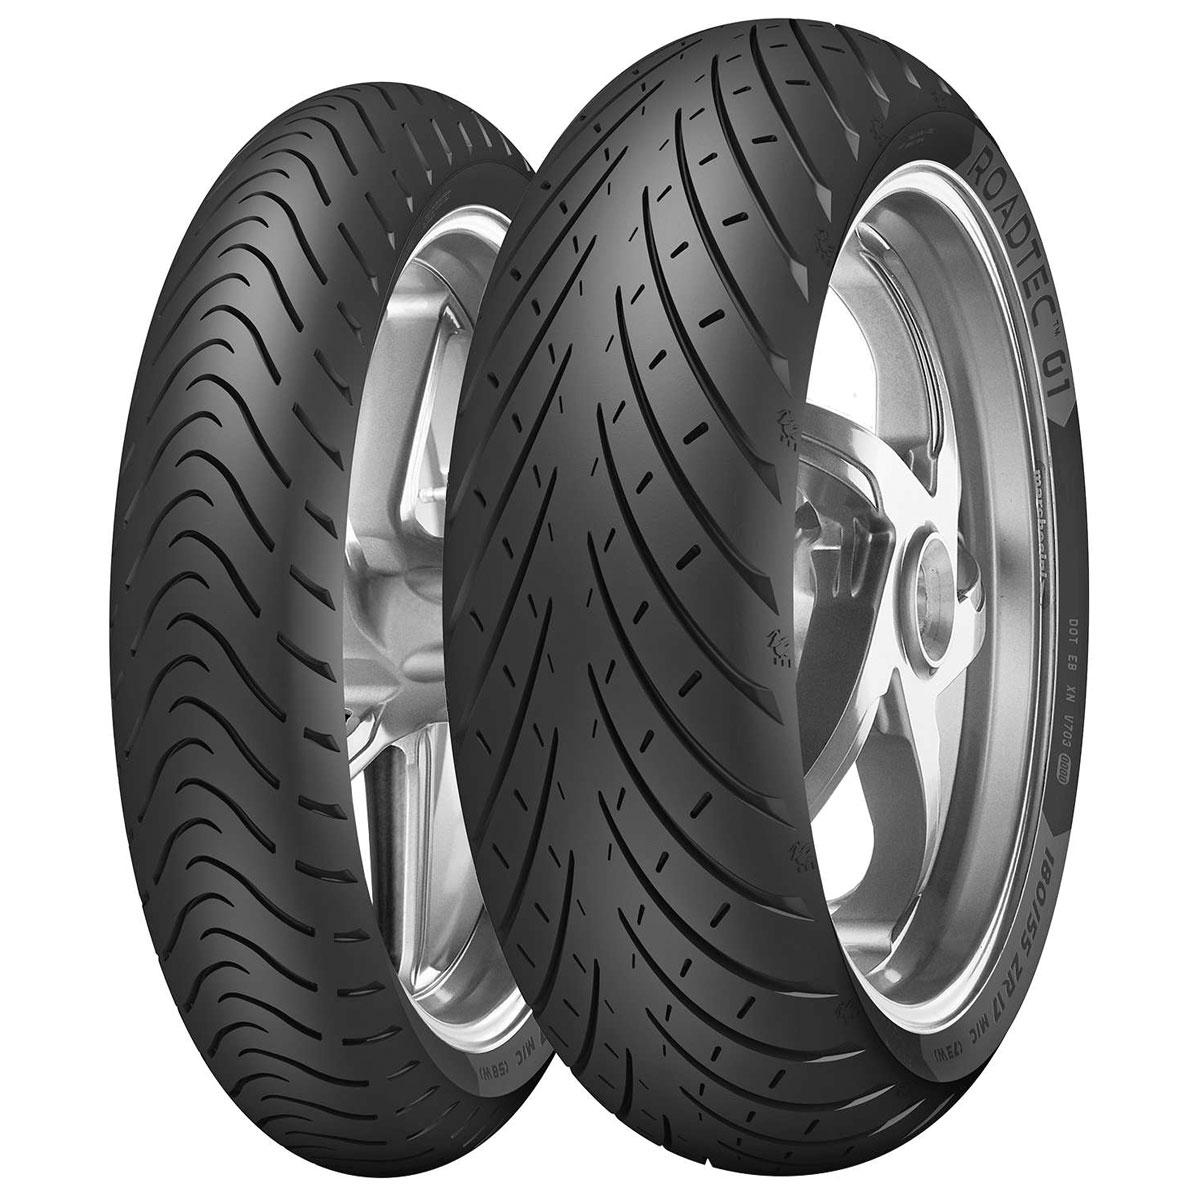 Metzeler Roadtec 01 110/70-17 Front Tire